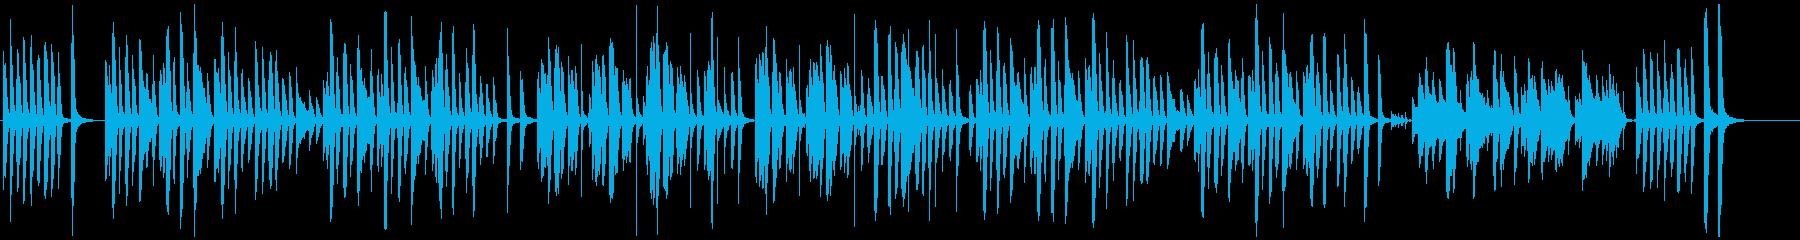 ゆったりほのぼの癒しの日常BGMの再生済みの波形